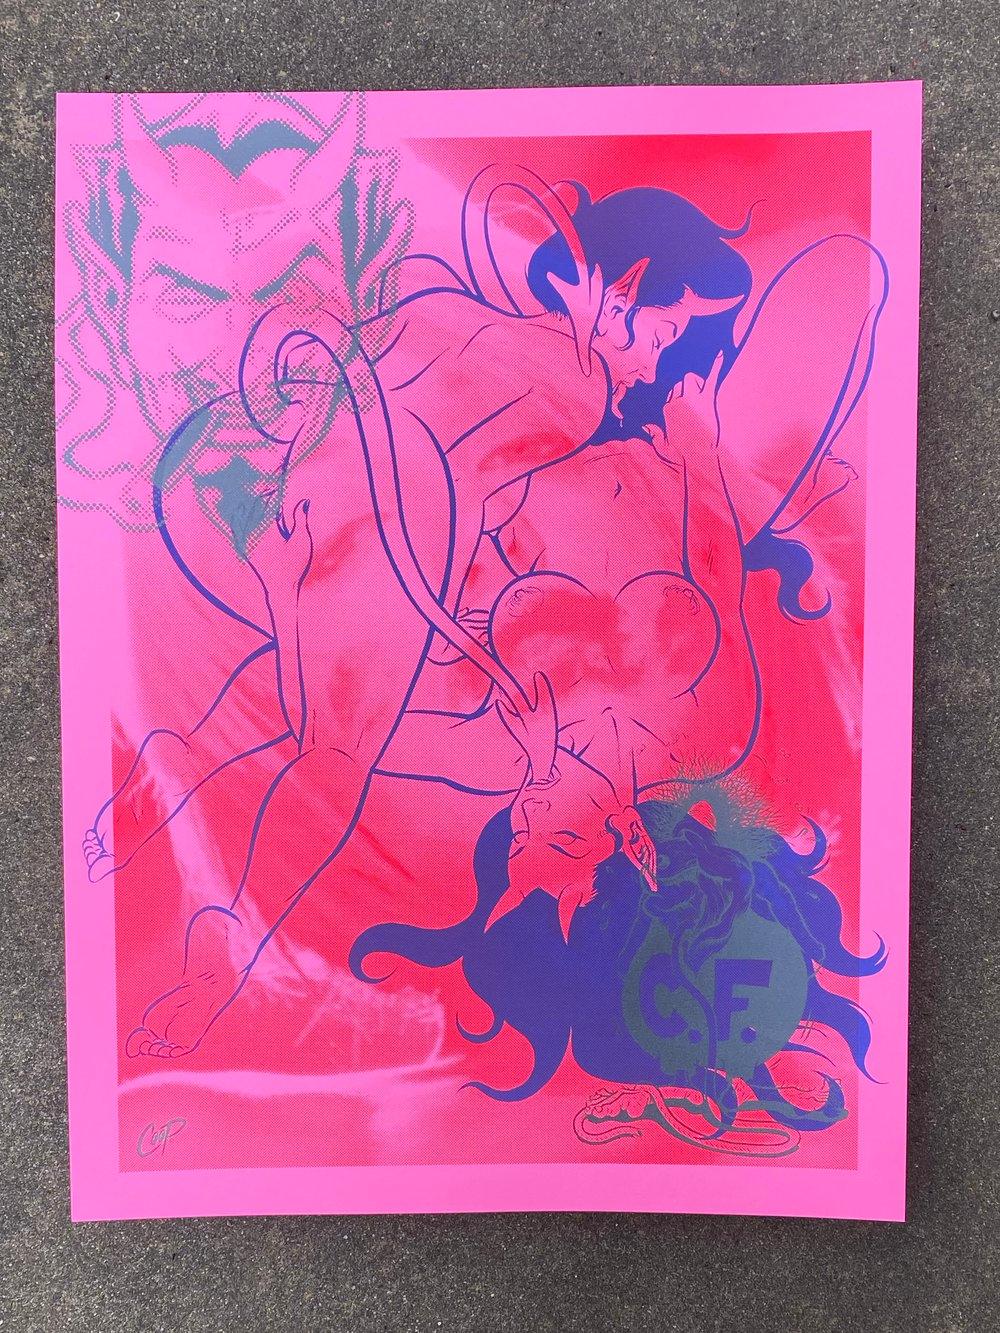 Image of CLOSE FRIENDS Silkscreen Print